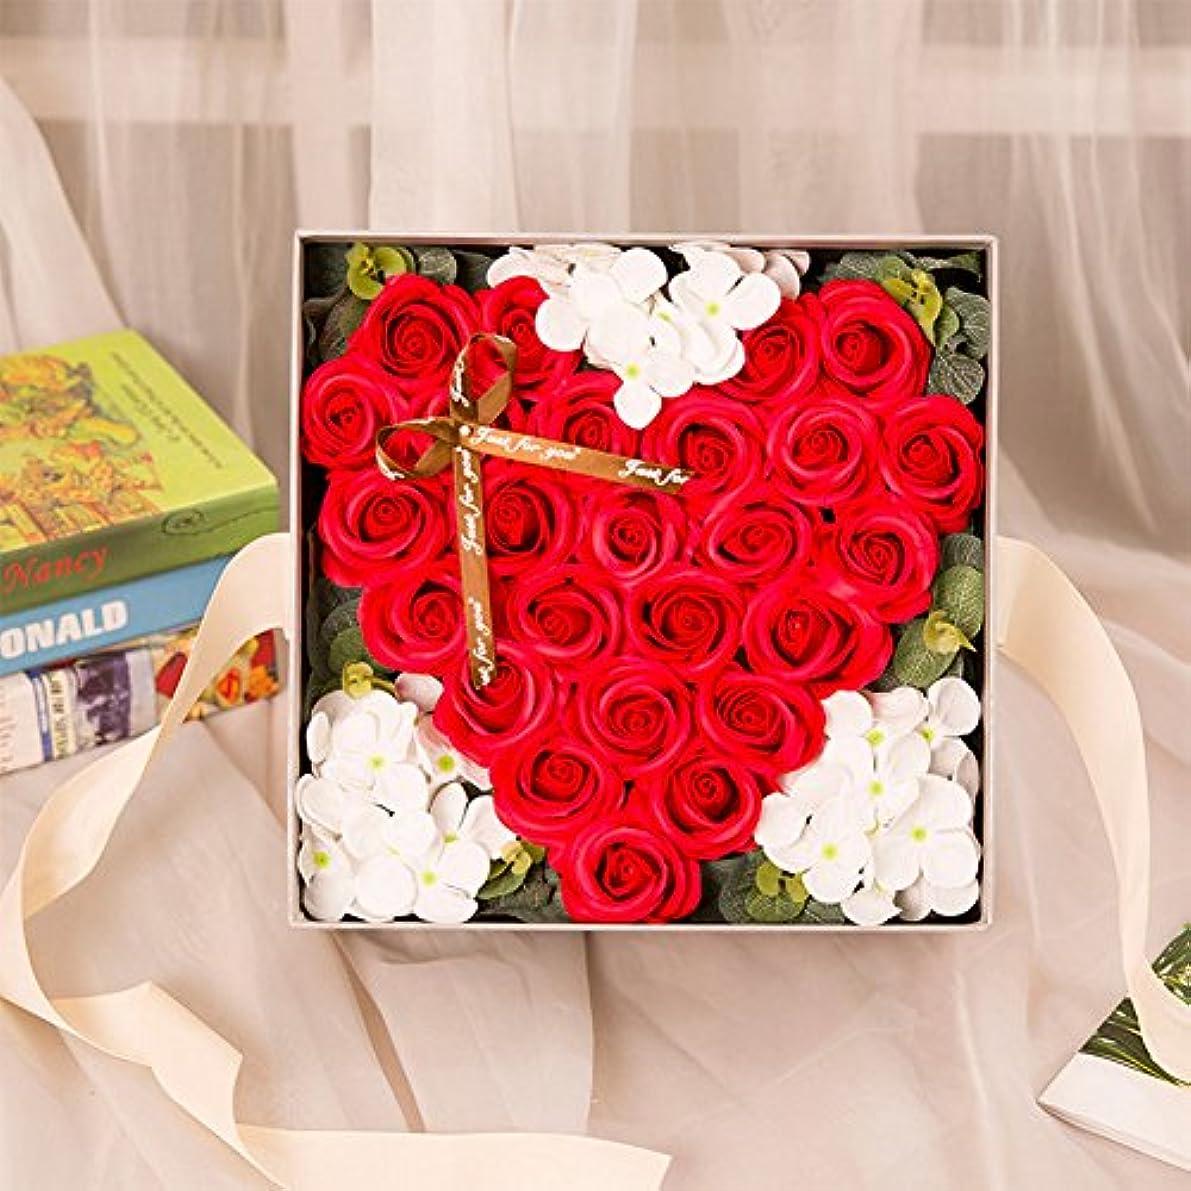 晴れステートメント主要なRaiFu クリエイティブ シミュレーションローズ手作り石鹸 ギフトボックスホームデコレーション ユニークなギフト 赤い桃の心